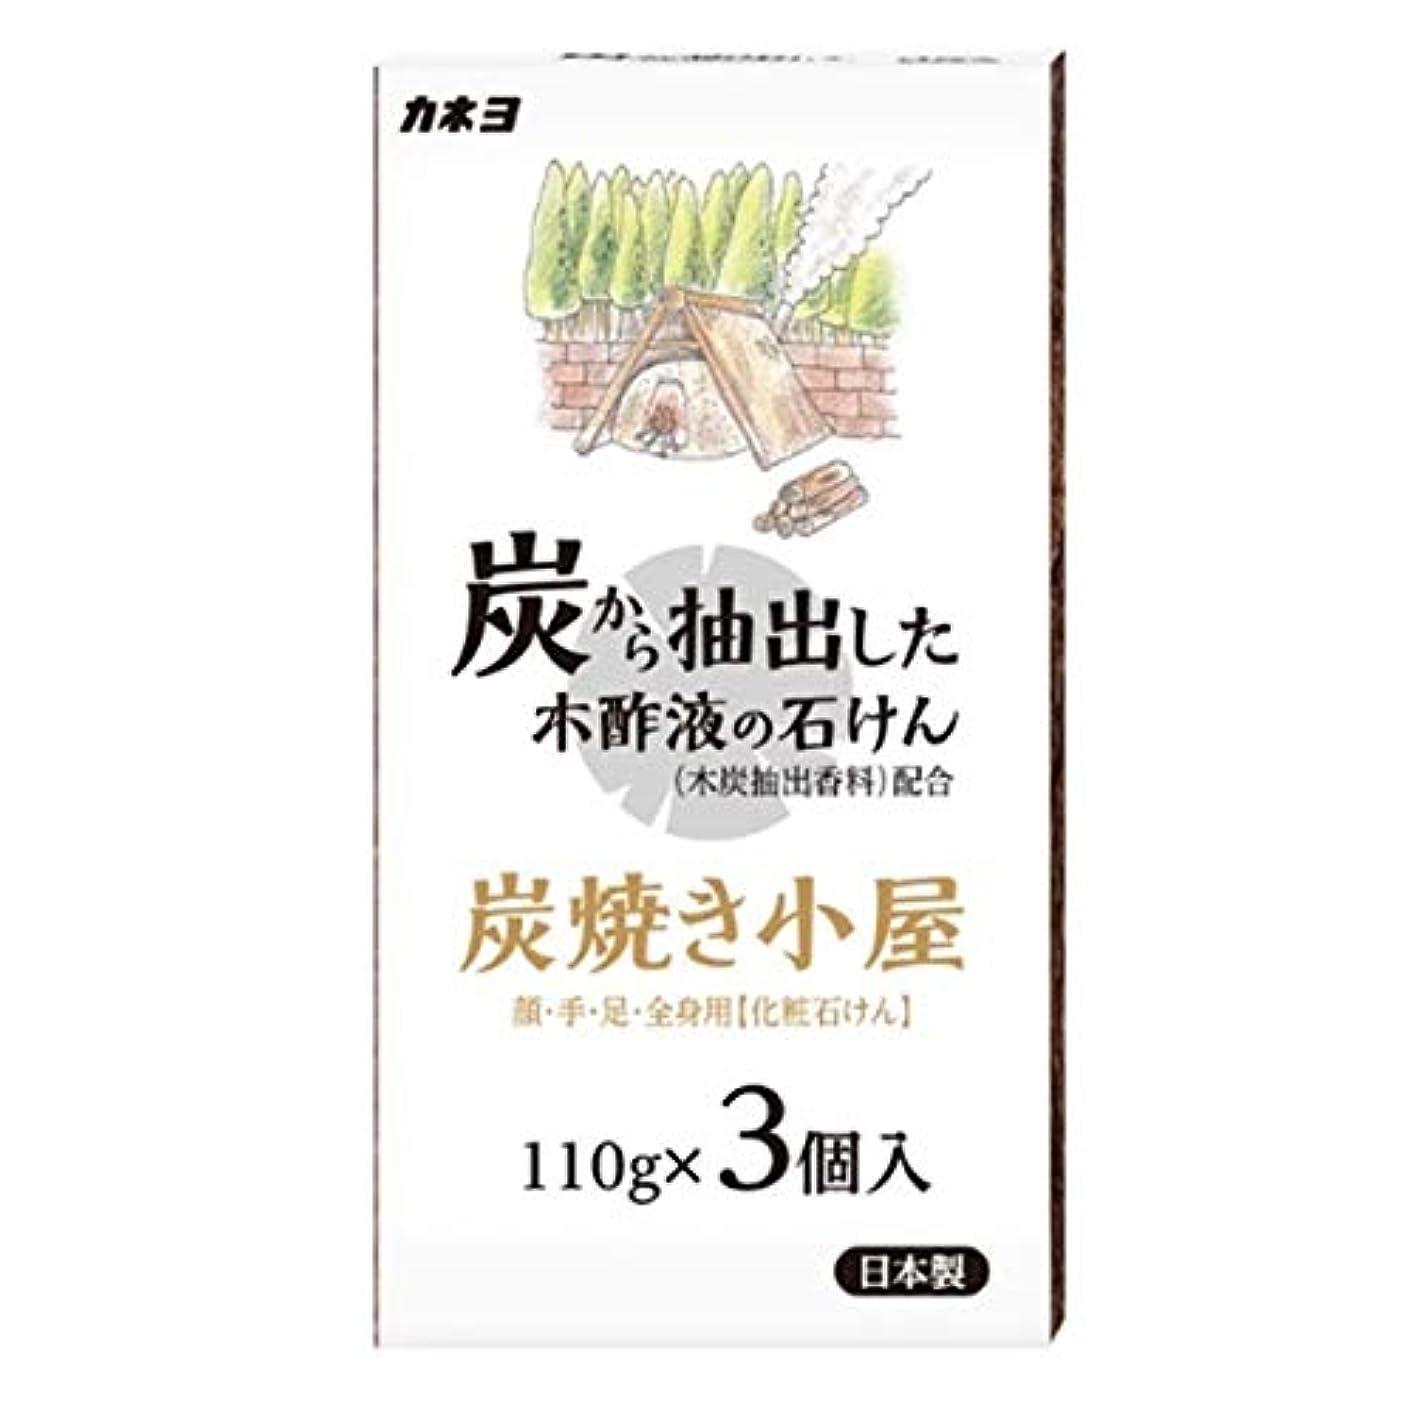 品種スカルク収入【ケース販売】 カネヨ石鹸 炭焼小屋 化粧石けん 110g×3個入 36箱